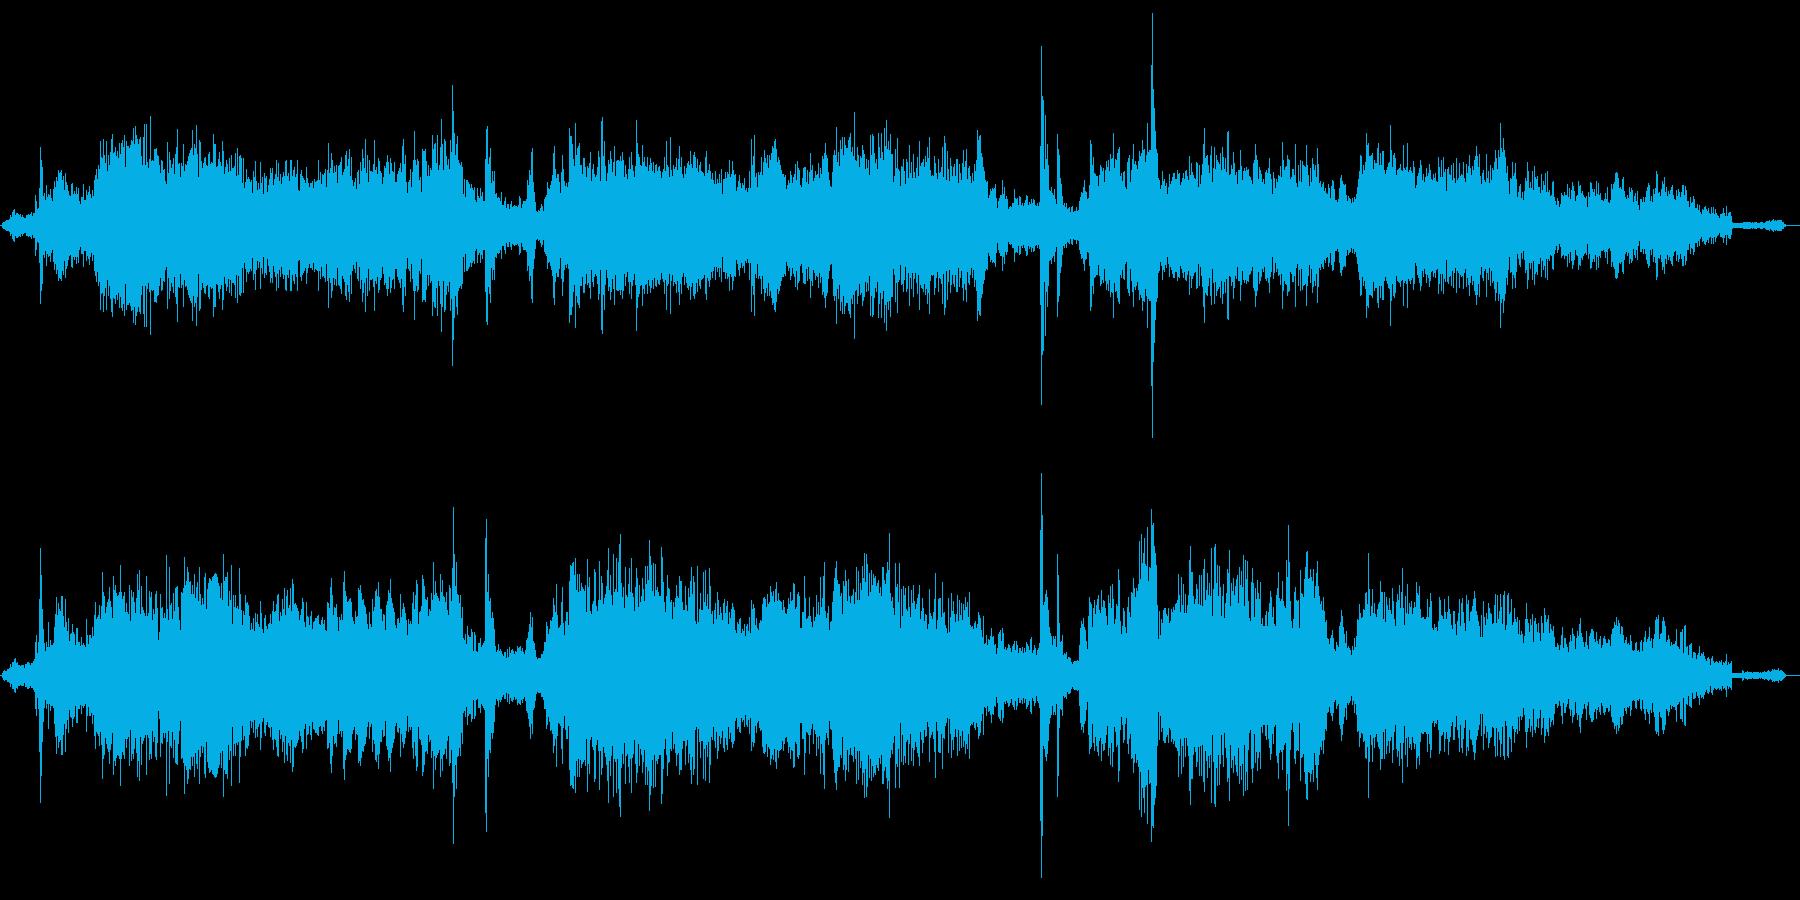 規則的な金属ノイズ音の再生済みの波形